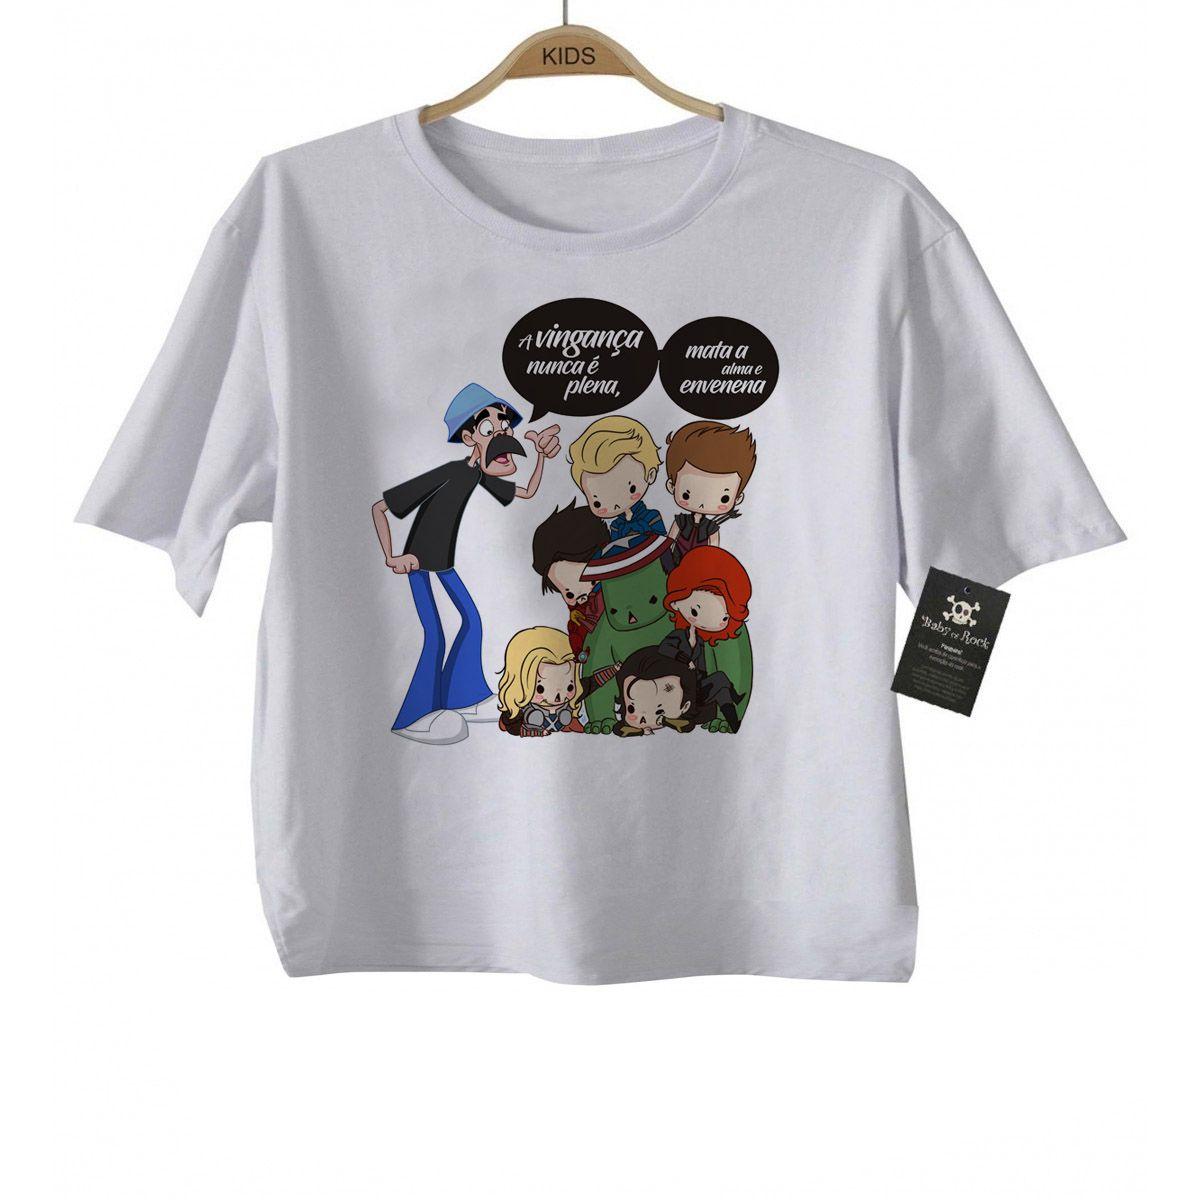 f3da1579b Camiseta infantil Nerd   Geek Seu Madruga e os Vingadores - White - Baby  Monster ...